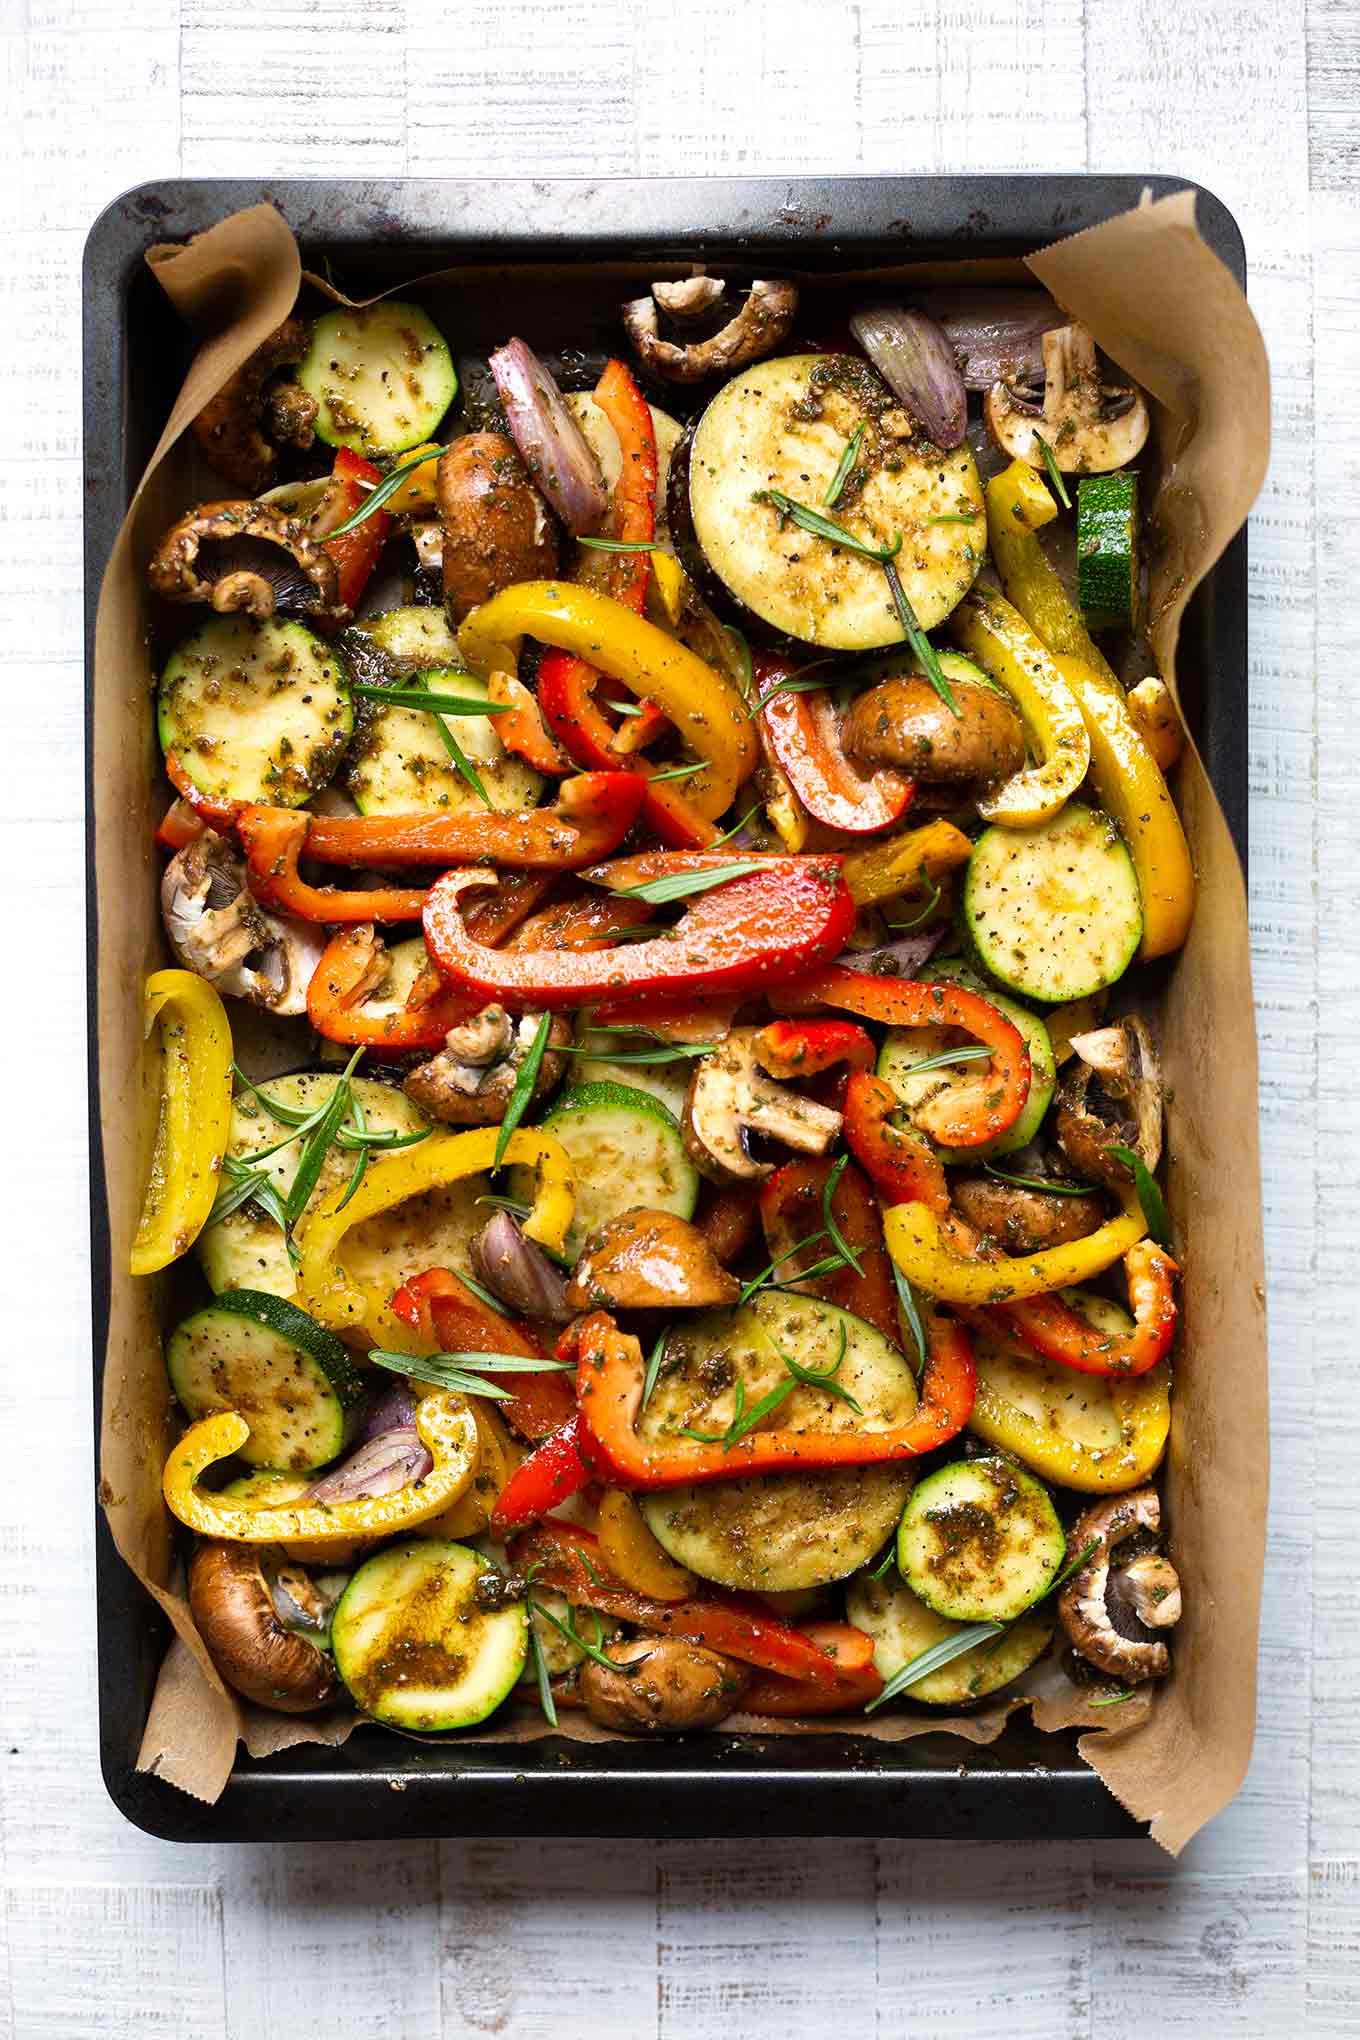 Grundrezept für selbstgemachte Antipasti aus dem Backofen. Dieses Rezept ist einfach und perfekt für heiße Sommertage! - Kochkarussell.com #sommer #keinelustzukochen #rezept #kochkarussell